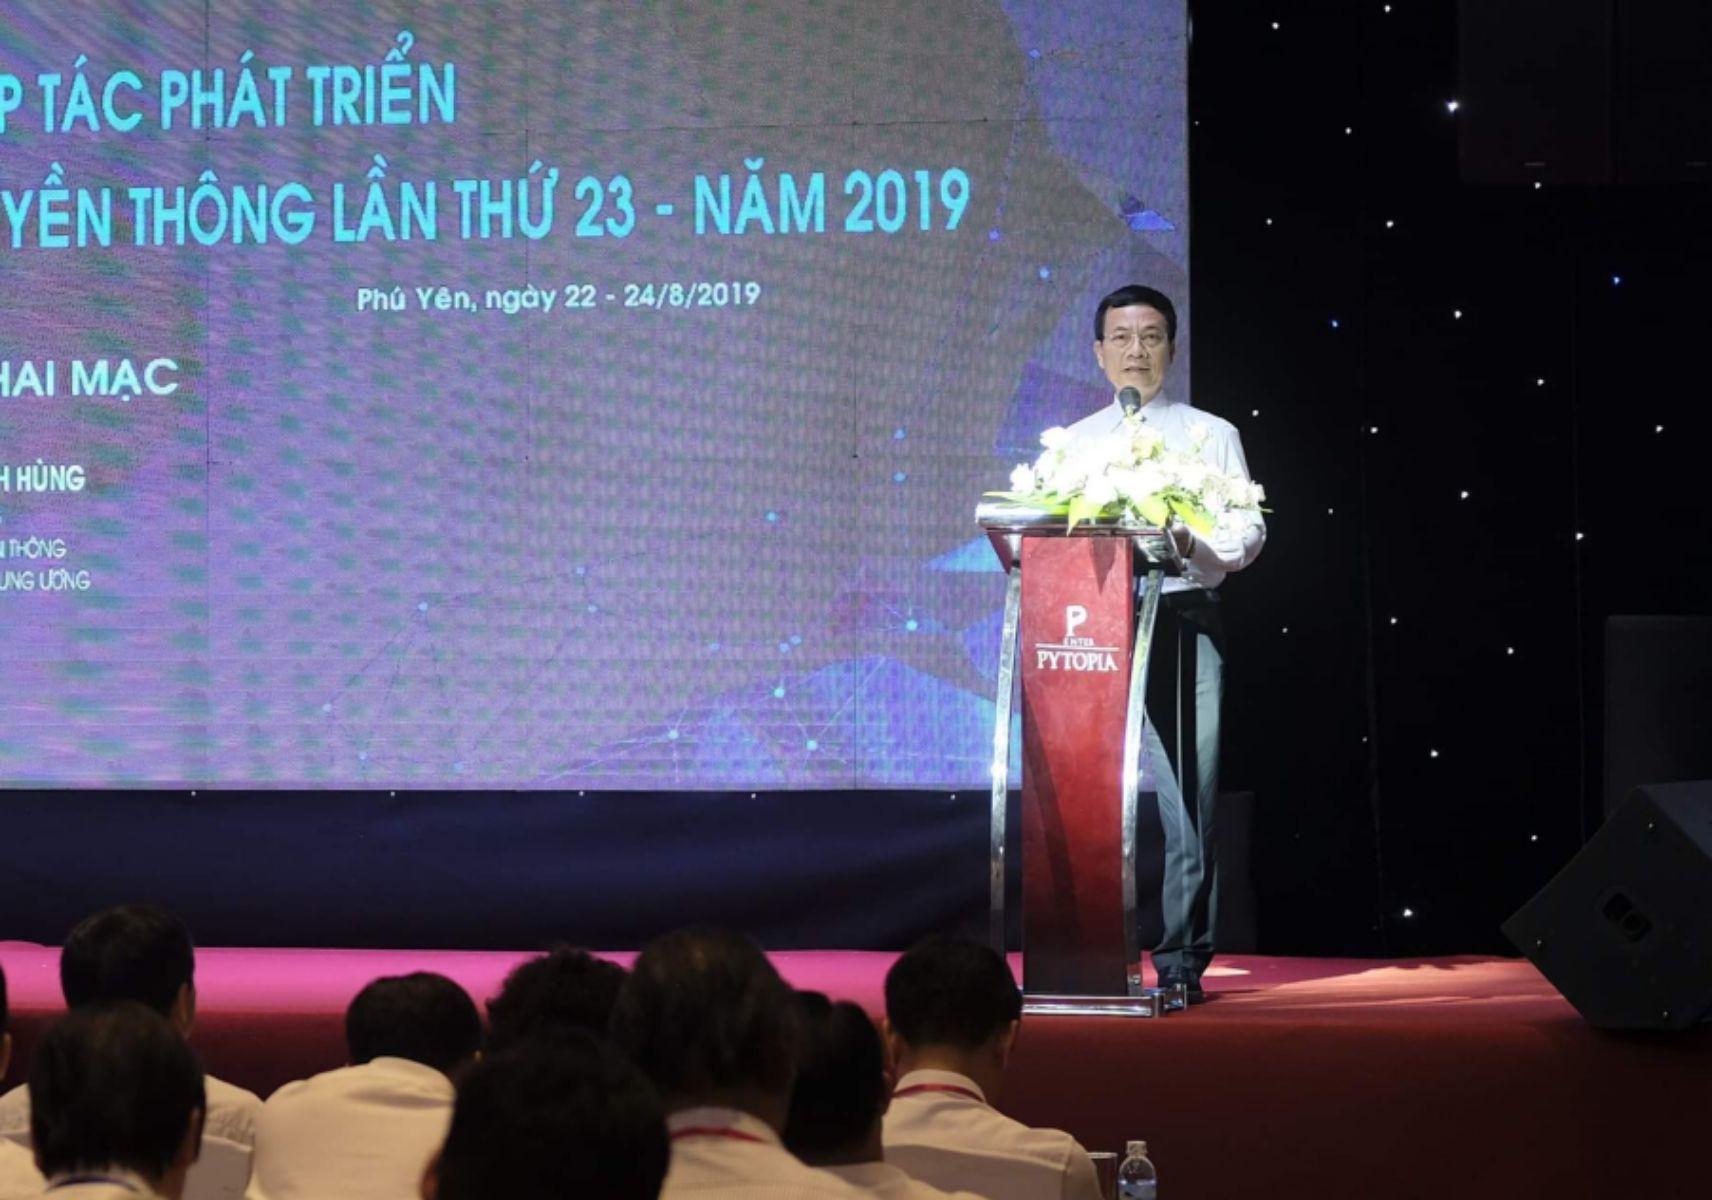 Hội thảo Hợp tác Phát triển CNTT-TT,Bộ TT&TT